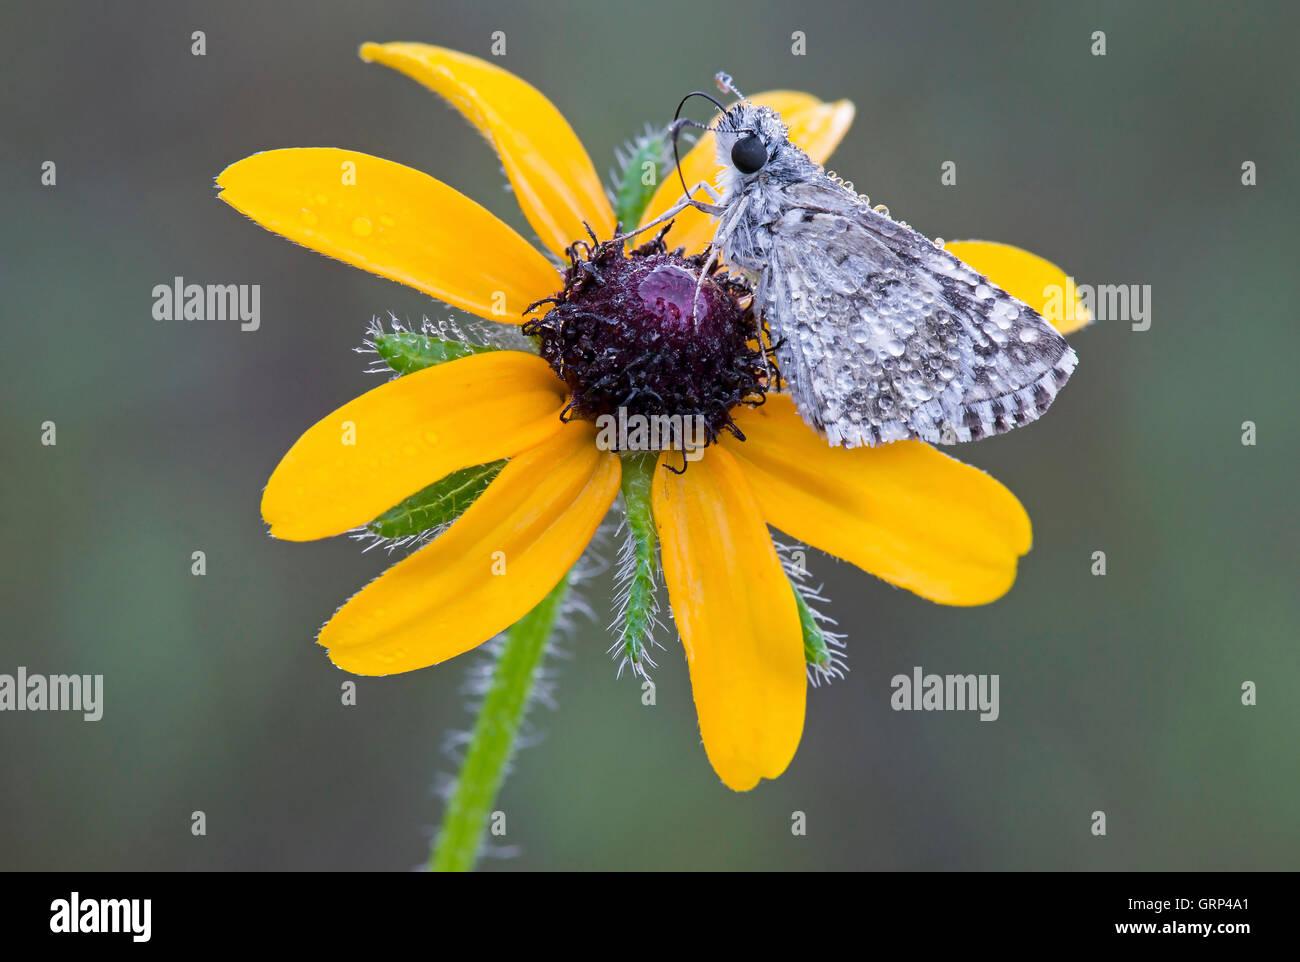 Dewy común patrón cuadriculado Butterfly (Pyrgus nectaring communis), alimentándose de Black-eyed Imagen De Stock